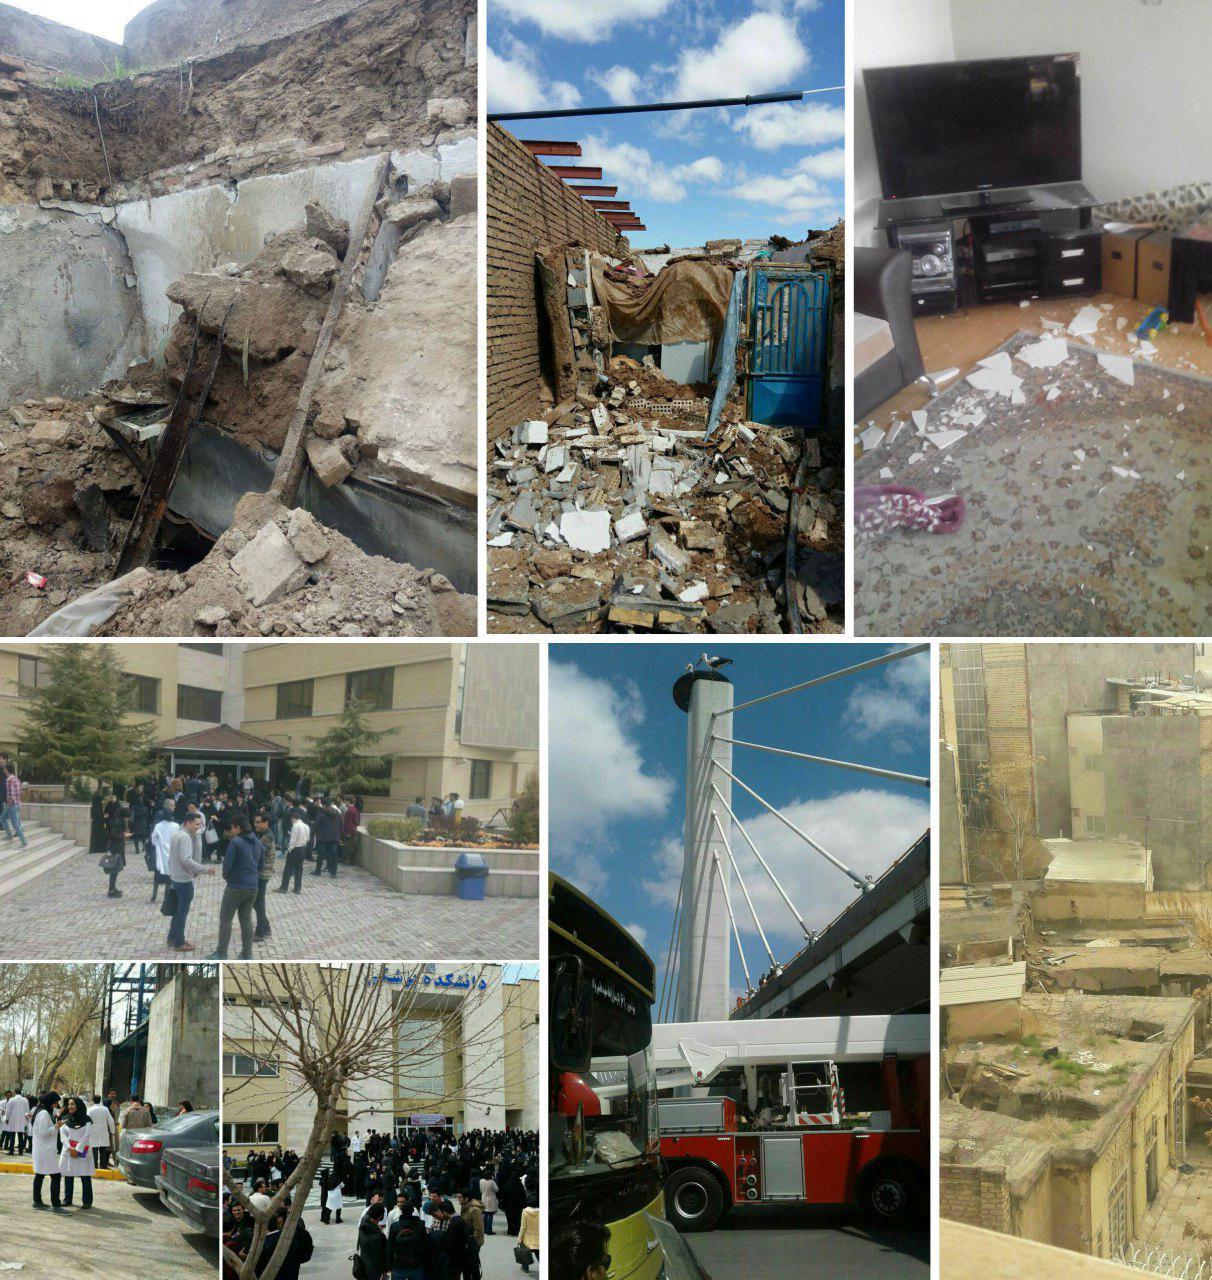 زلزله 6 ریشتری خراسان را لرزاند